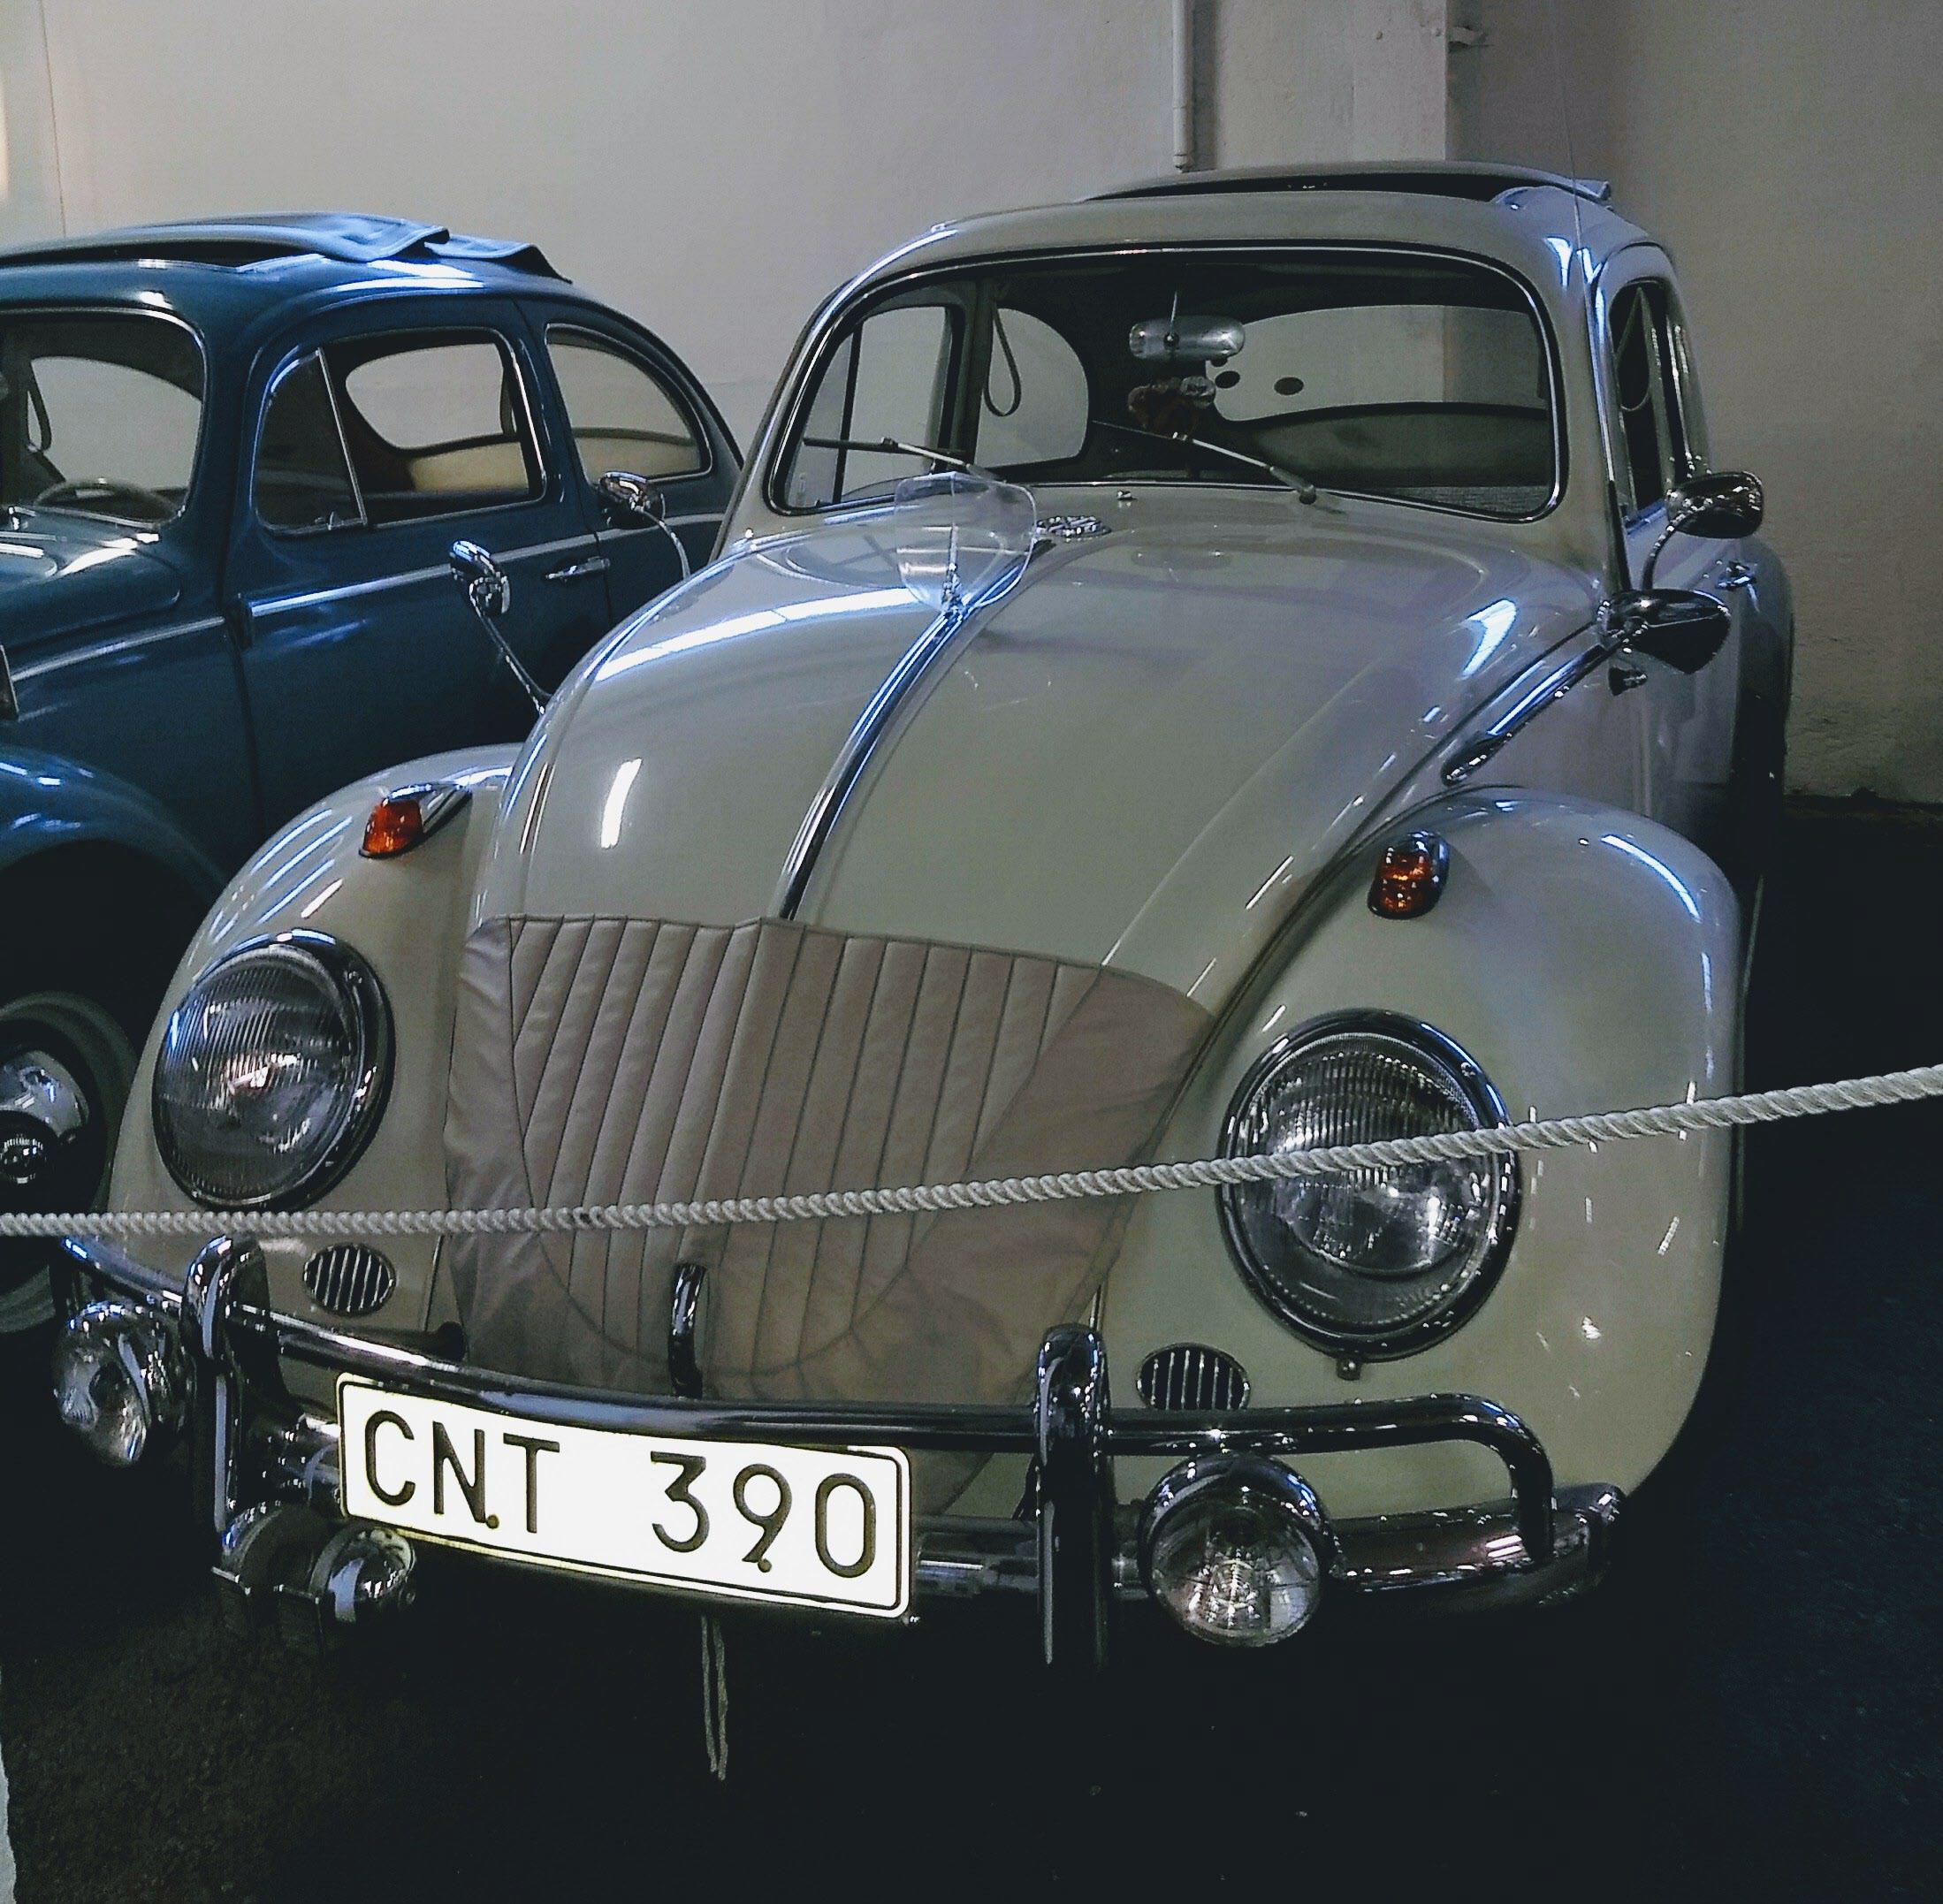 En bil från 1963, högerstyrd som sig bör från det året, med alla lyxdetaljer. Fyra ytterbackspeglar, extratuta och extraljus, soltak, dragkrog, lyxkofångare, och sist men inte minst insektsskydd